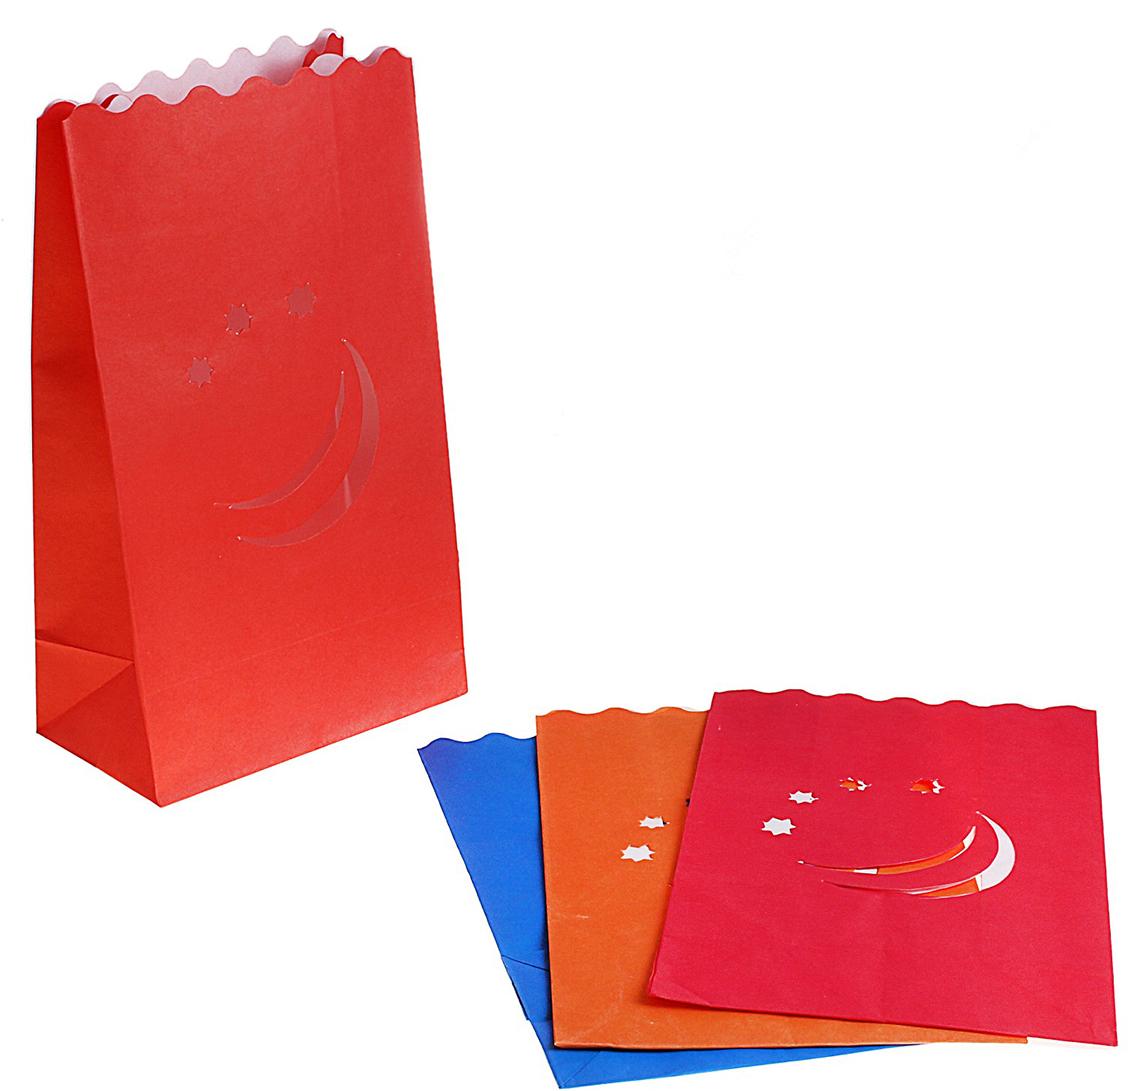 Пакет подарочный Ночь, светящийся, цвет: мультиколор, 15,3 х 26,5 см. 324323324323Данное изделие представляет собой бумажный пакет без ручек, обработанный специальной огнеупорной пропиткой. Секрет в том, что свой истинный эффект Огненный Бумажный Пакет приобретает после того, как на его дно опускается свеча. При заглушенном свете, например, при создании интимной и праздничной обстановки, бумажный пакет подсвечивается изнутри. Получается потрясающий эффект!